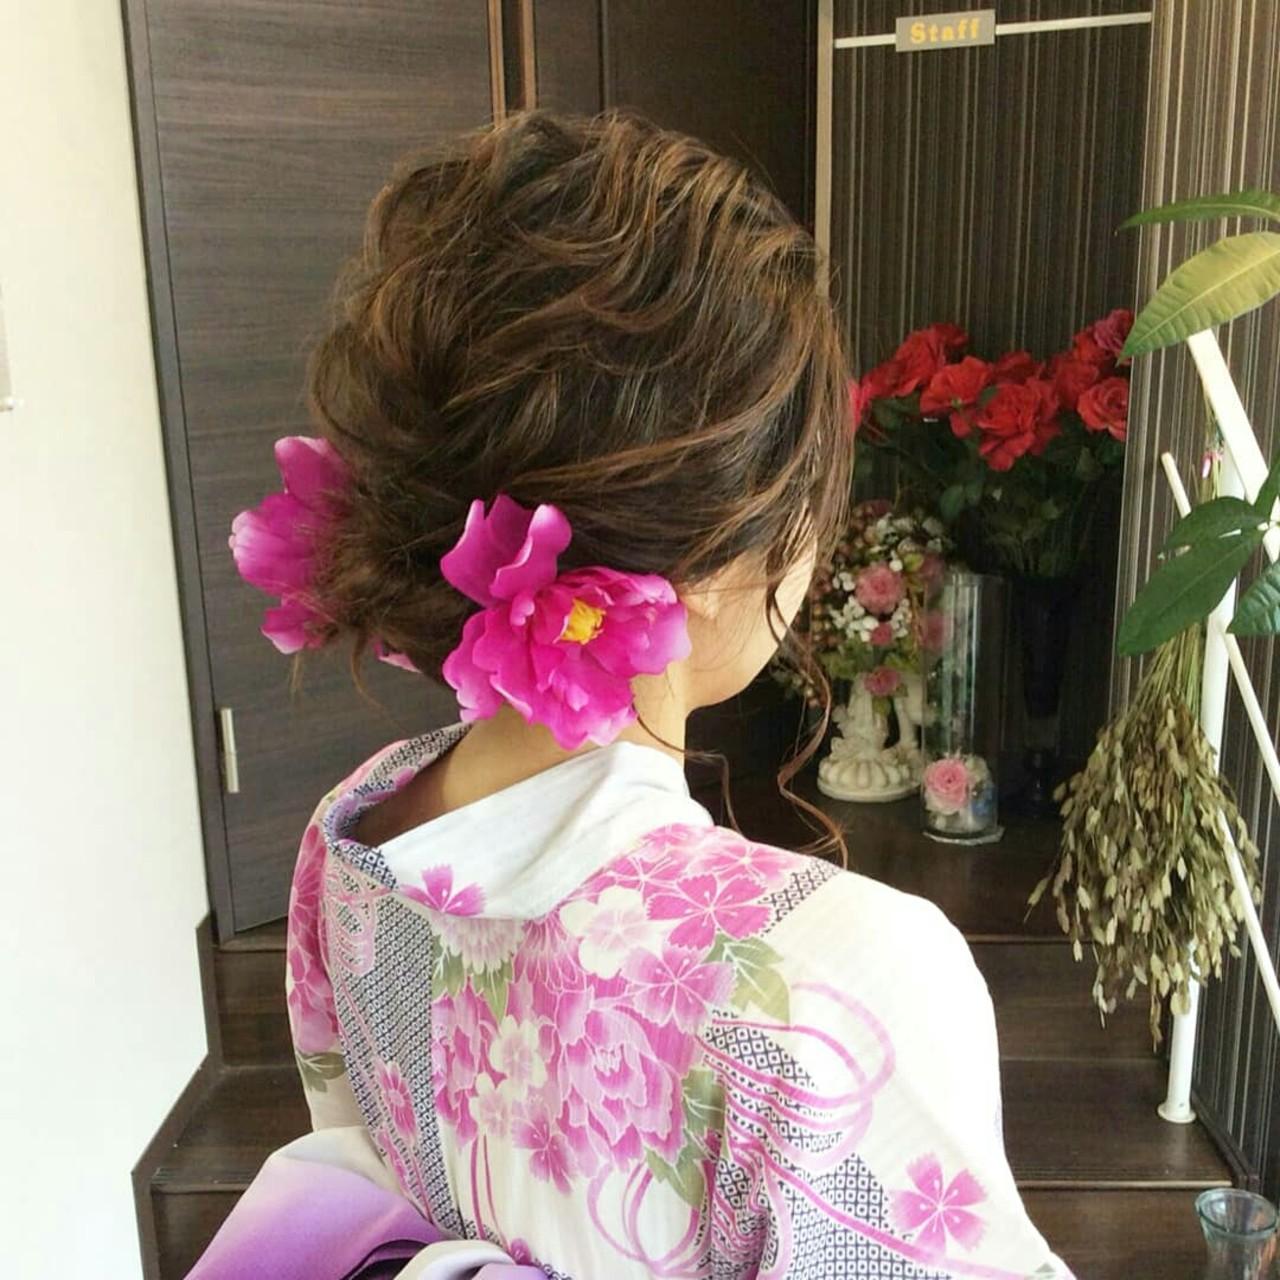 和装 ナチュラル ヘアアレンジ 編み込み ヘアスタイルや髪型の写真・画像